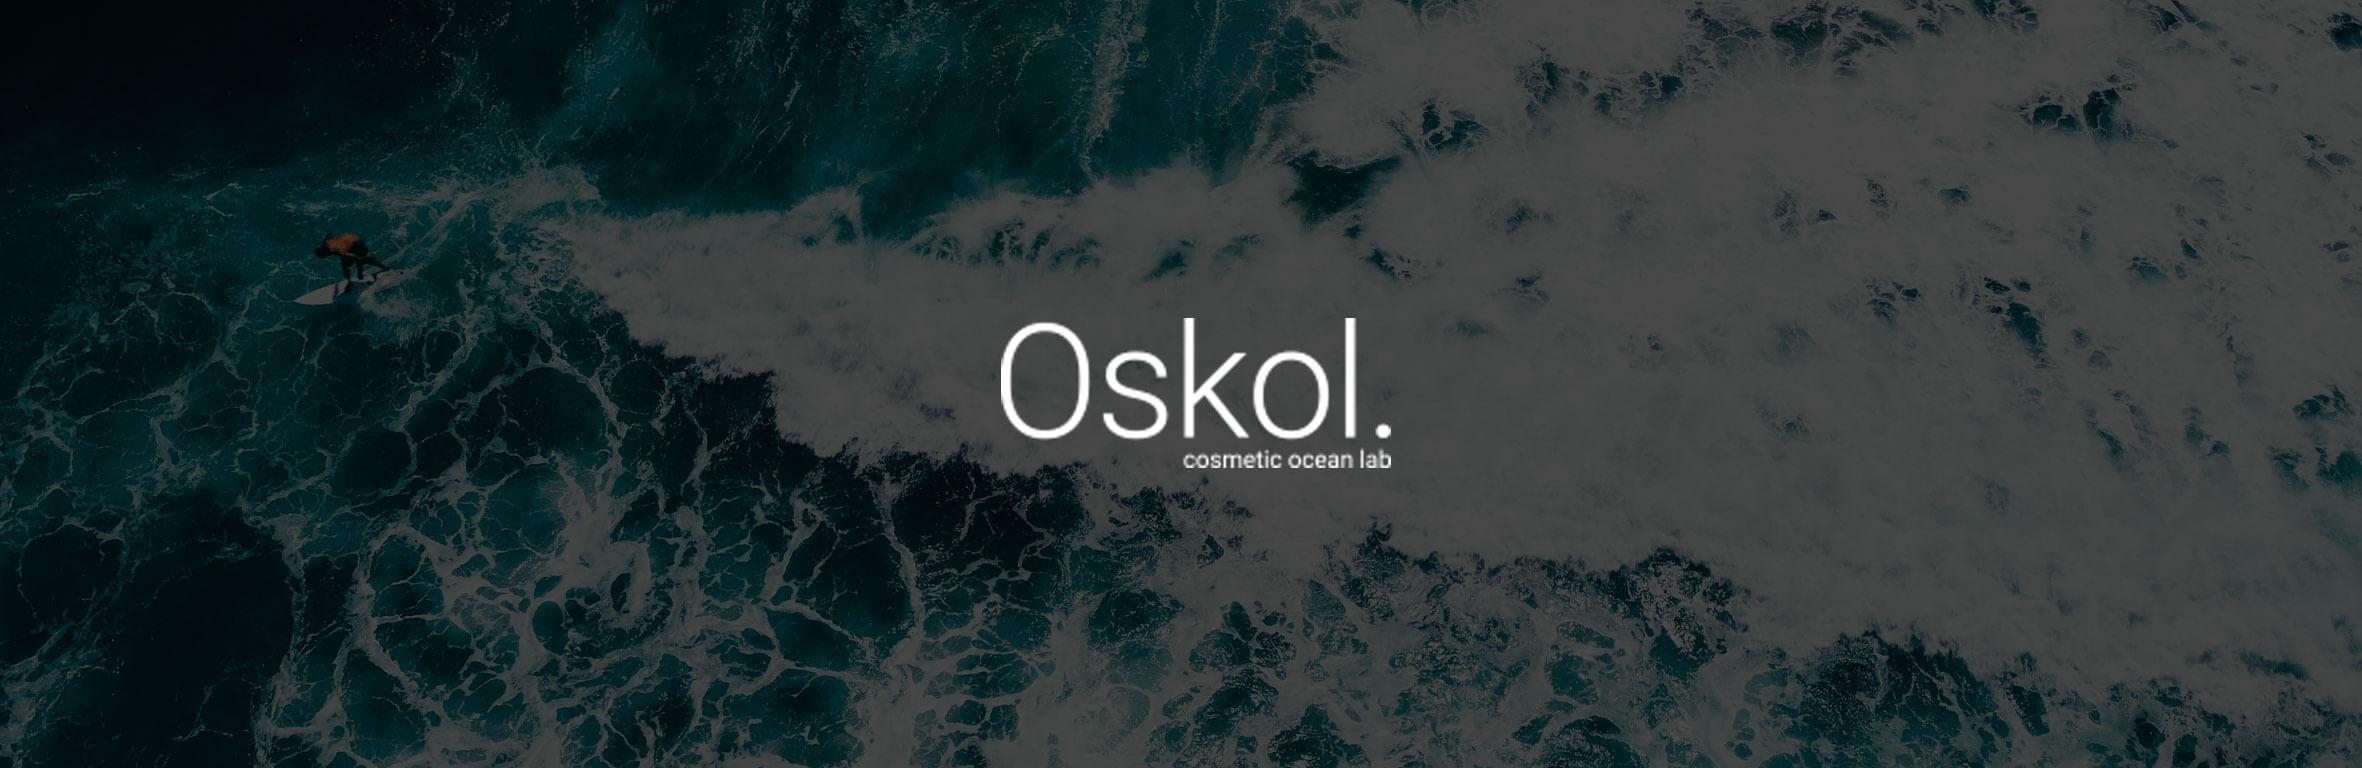 Oskol